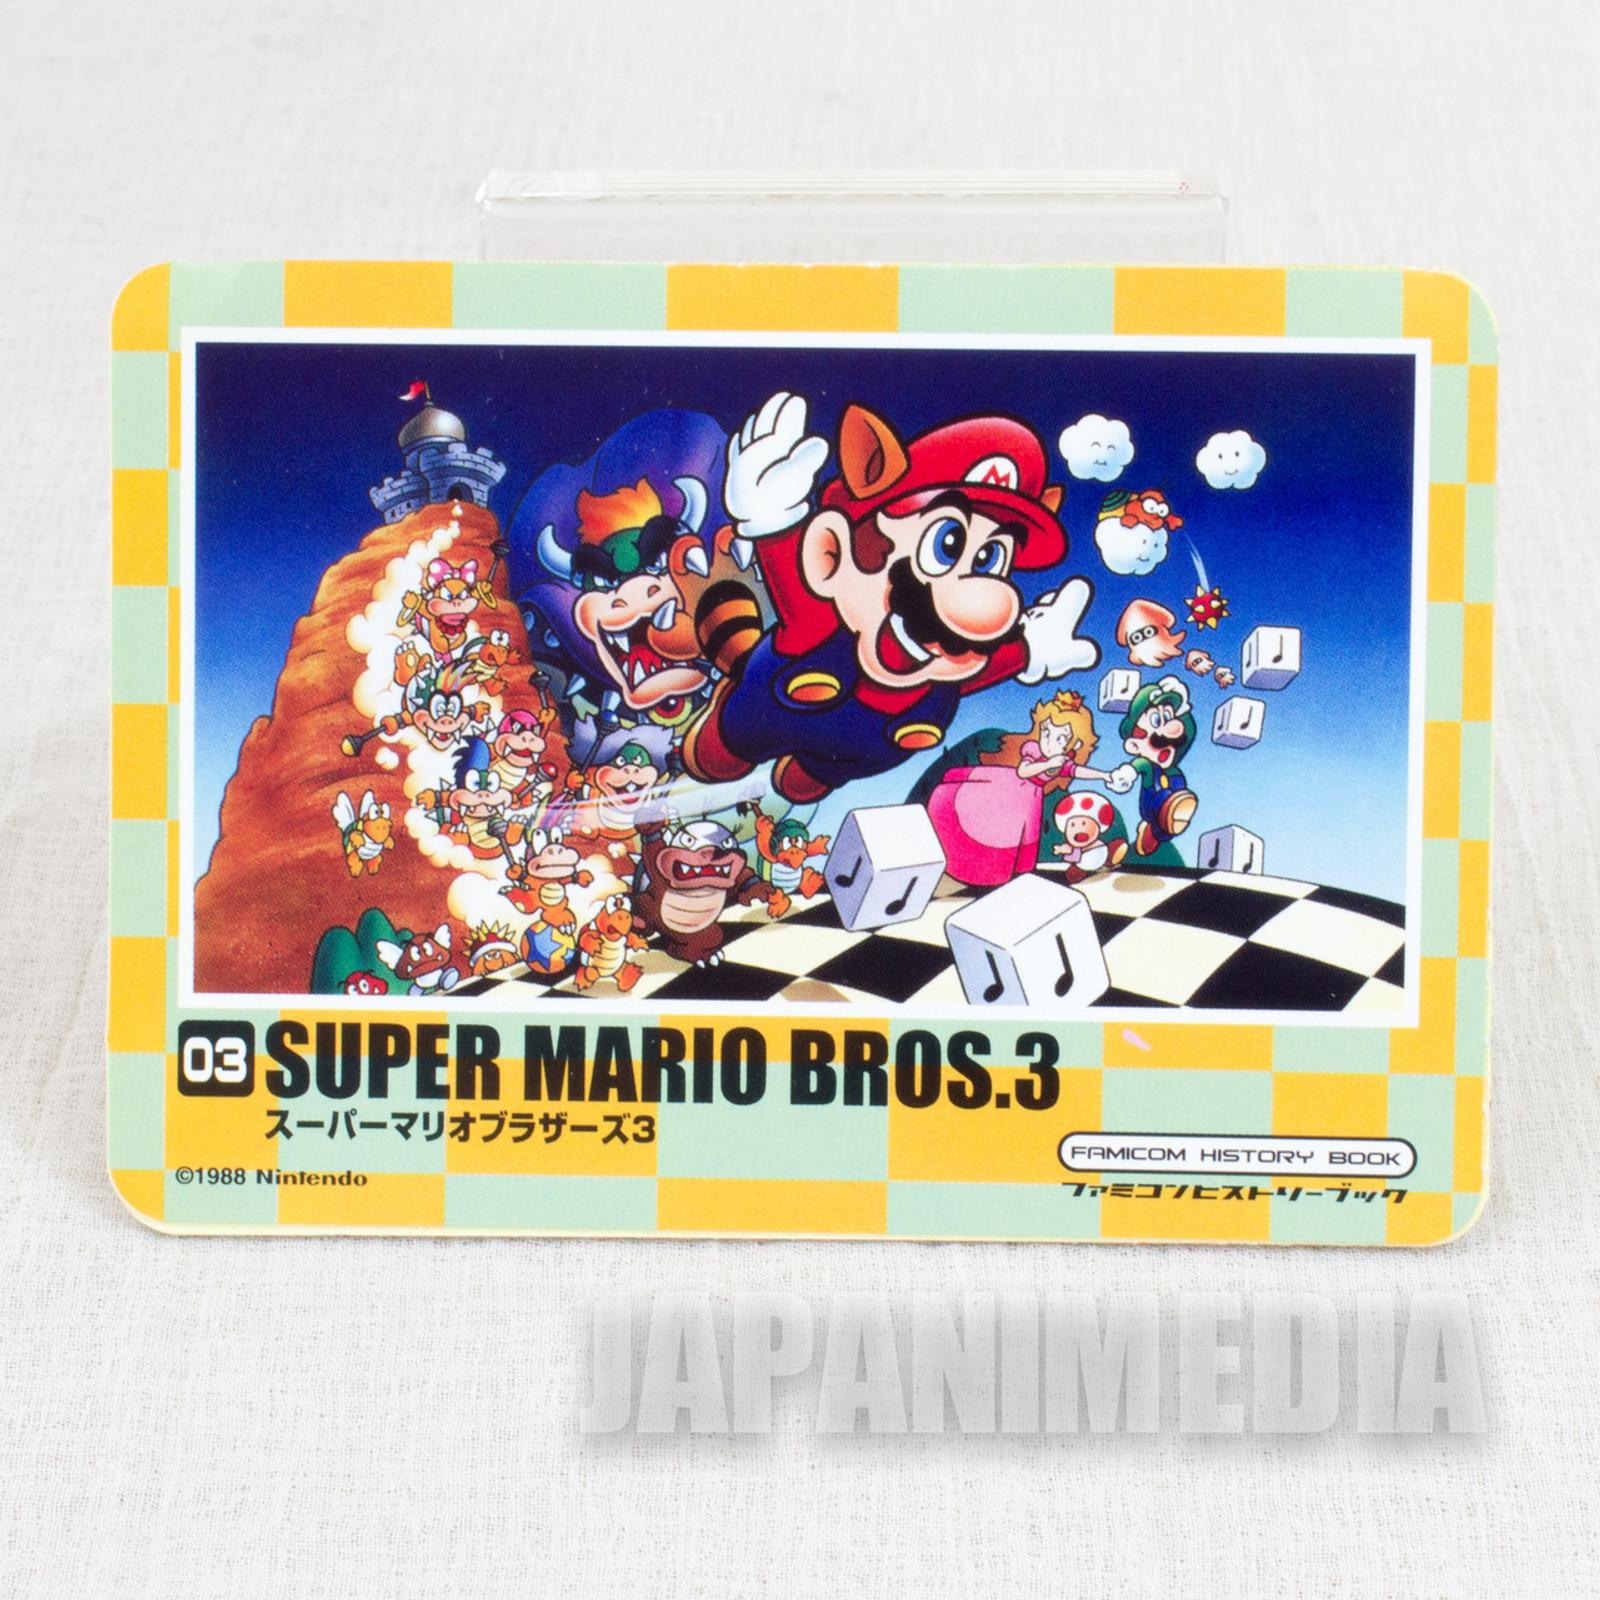 RARE Super Mario Bros. 3 Sticker Famicon History Book JAPAN GAME NES